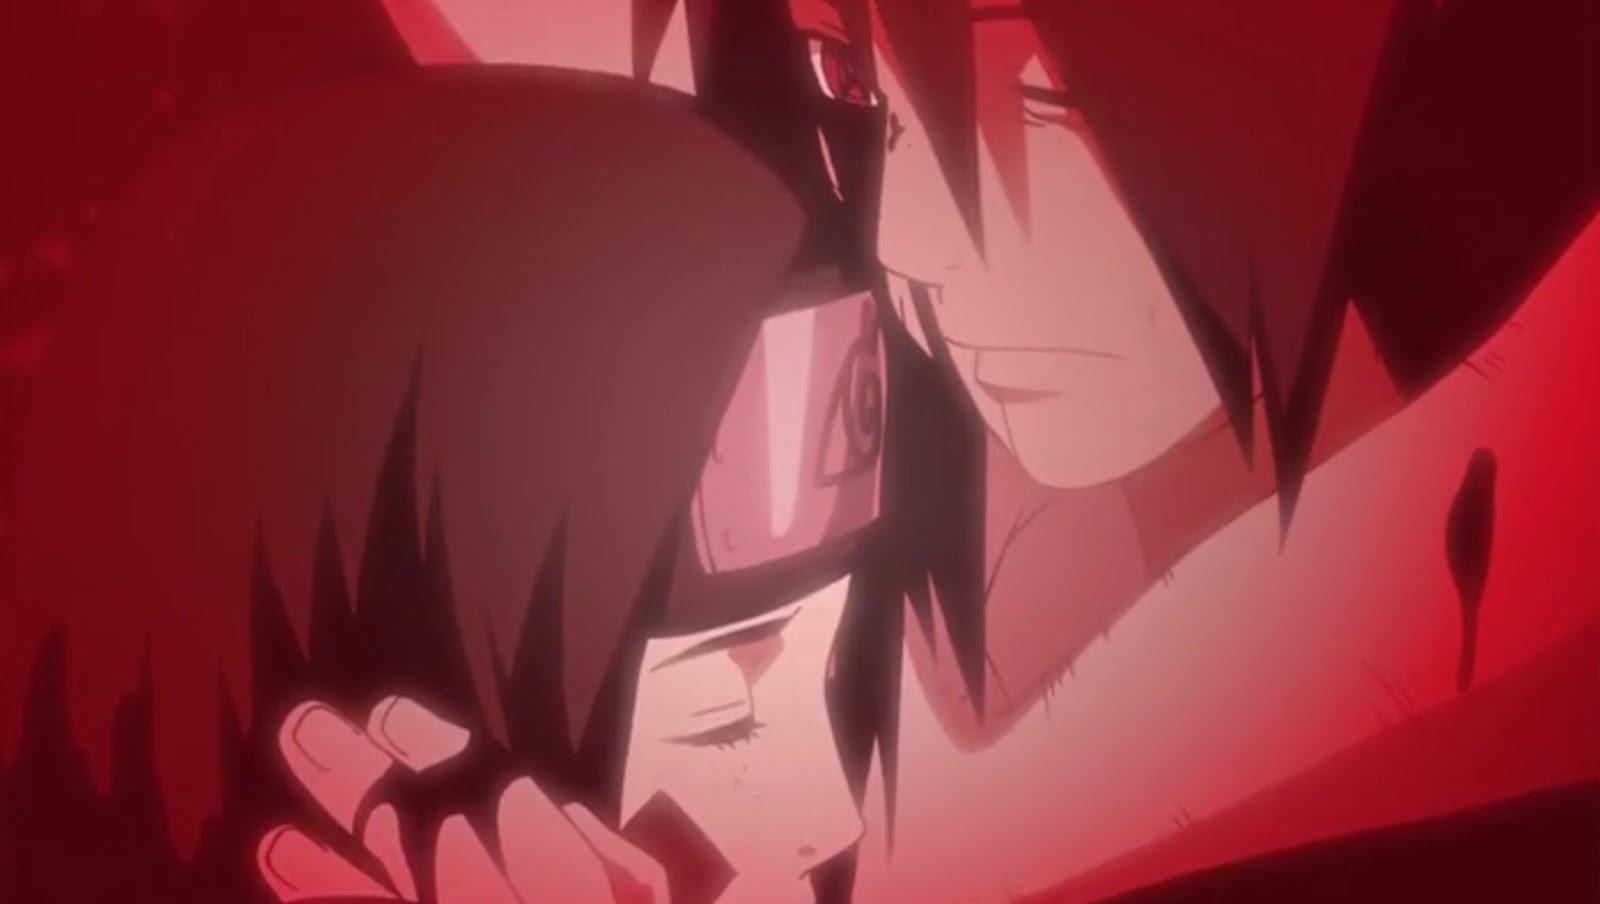 Naruto Shippuden Episódio 384, Assistir Naruto Shippuden Episódio 384, Assistir Naruto Shippuden Todos os Episódios Legendado, Naruto Shippuden episódio 384,HD